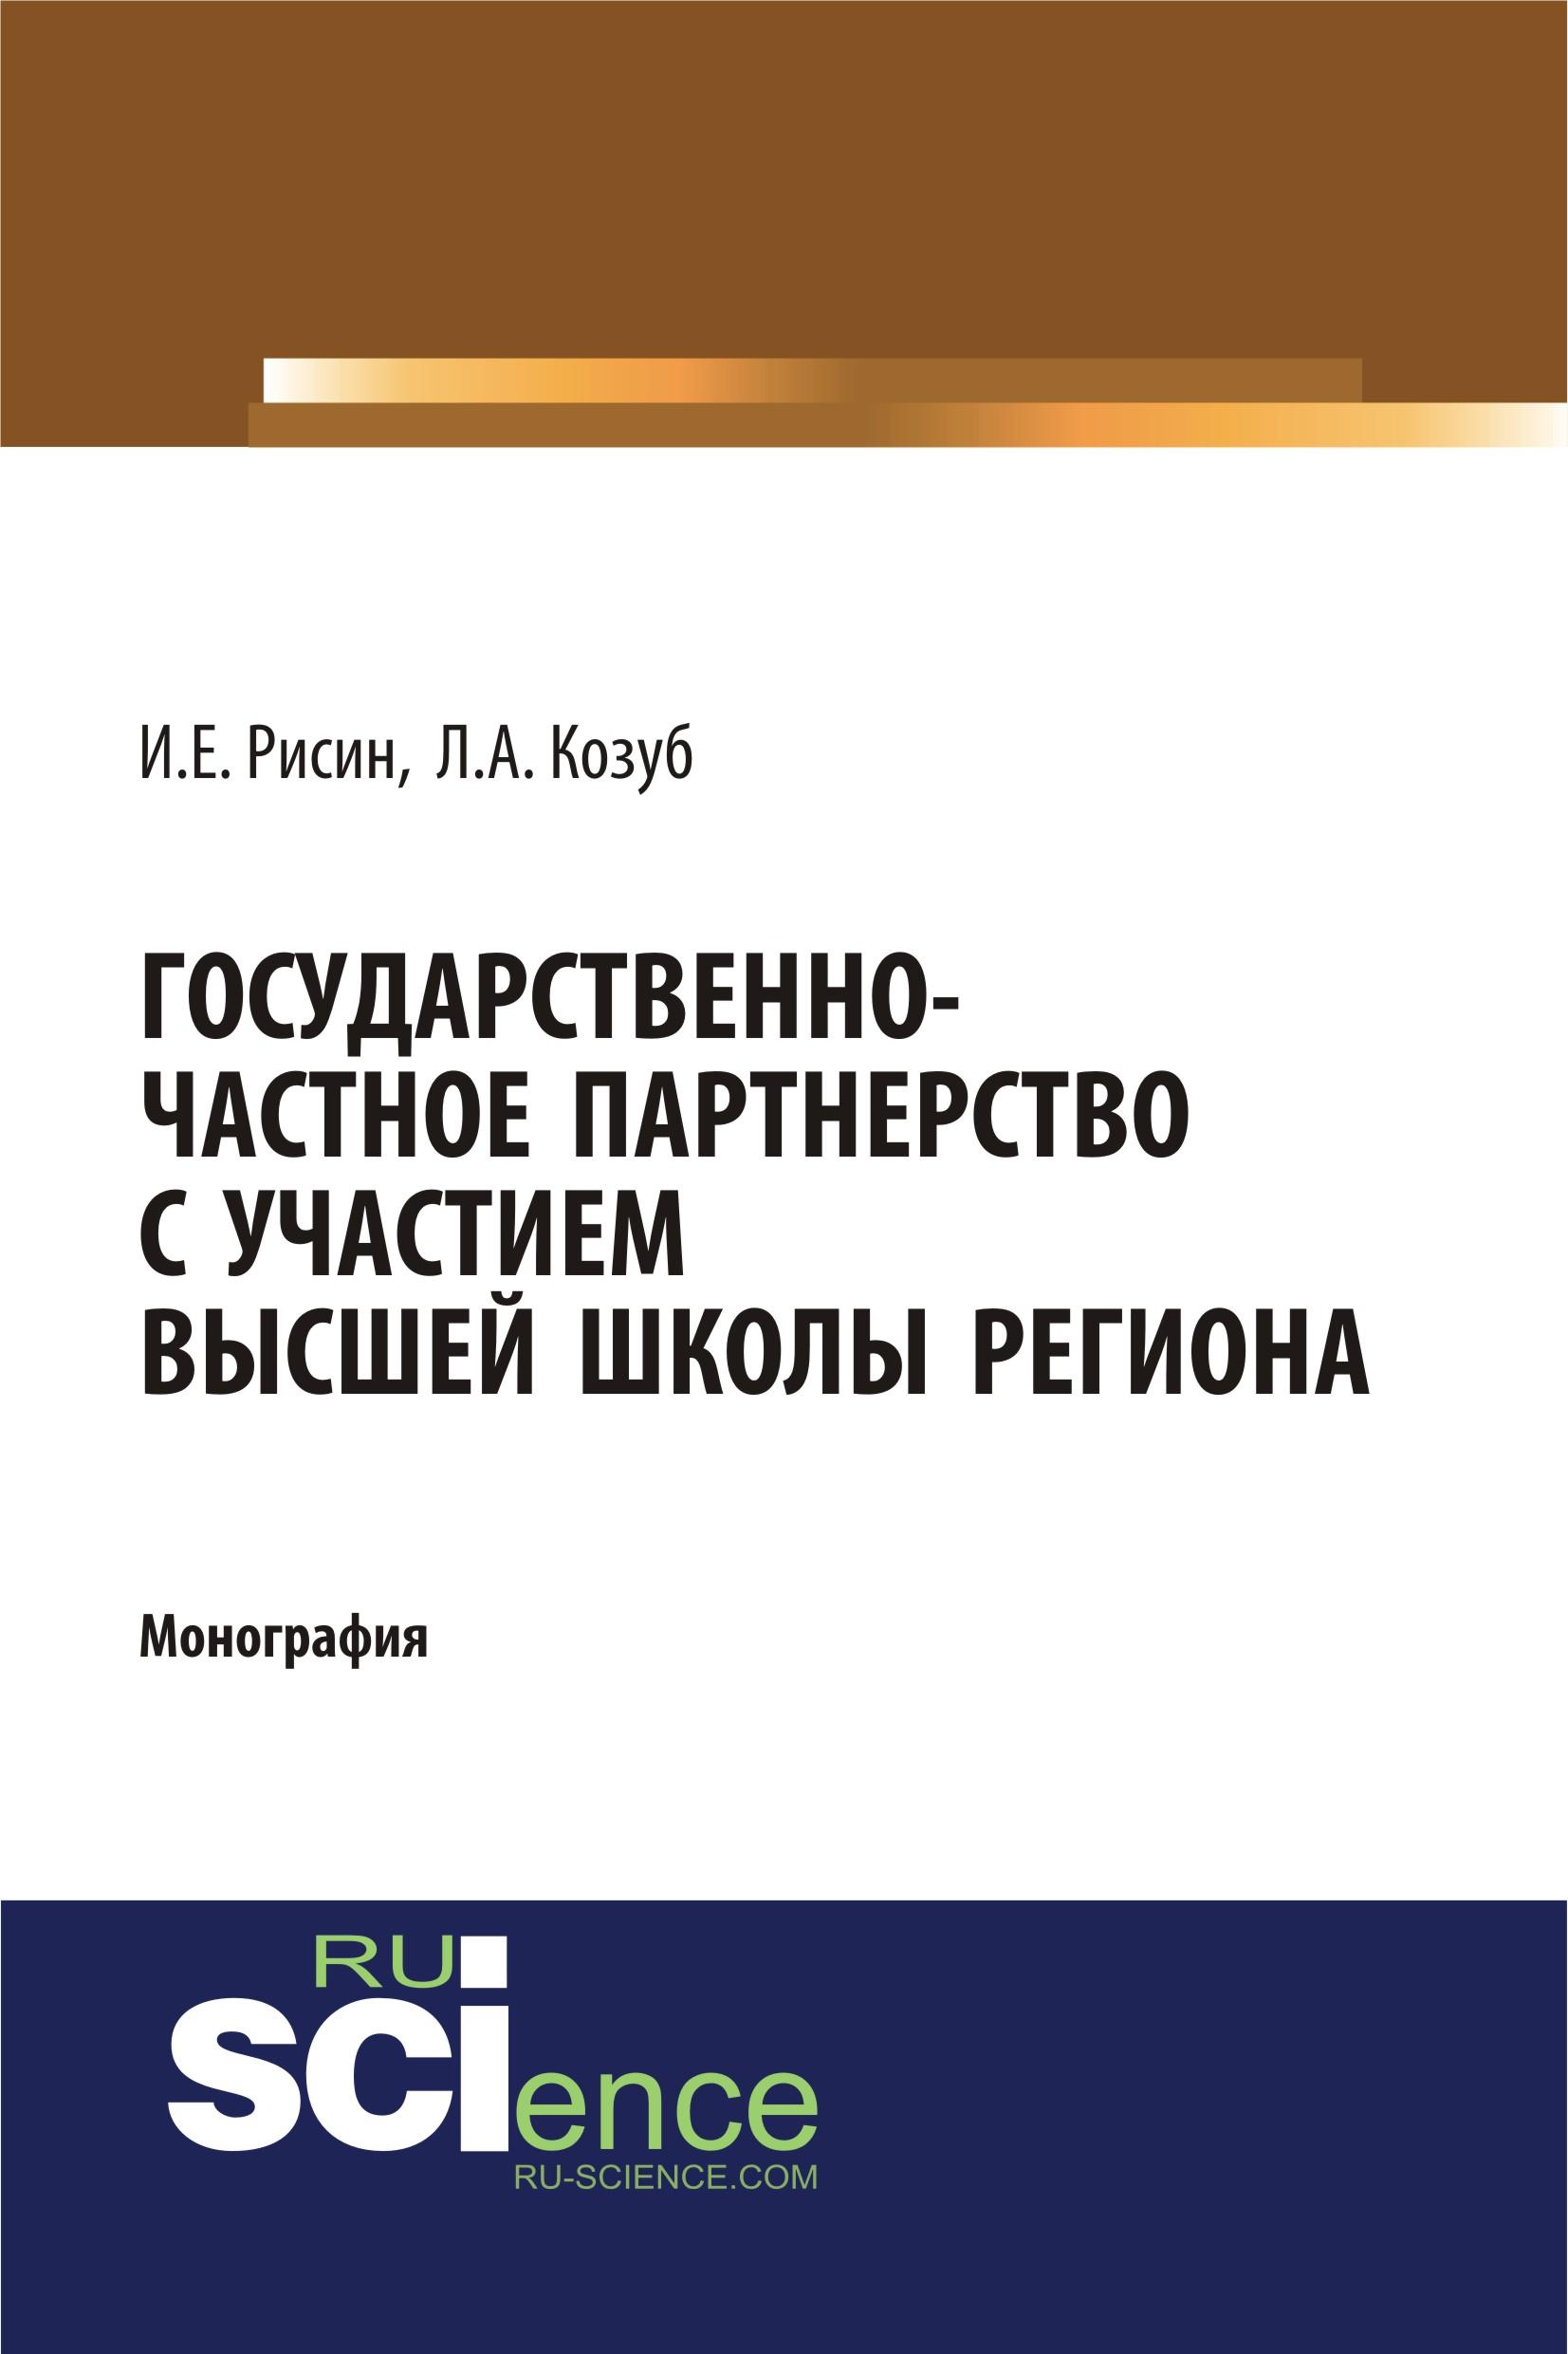 И. Е. Рисин Государственно-частное партнерство с участием высшей школы региона